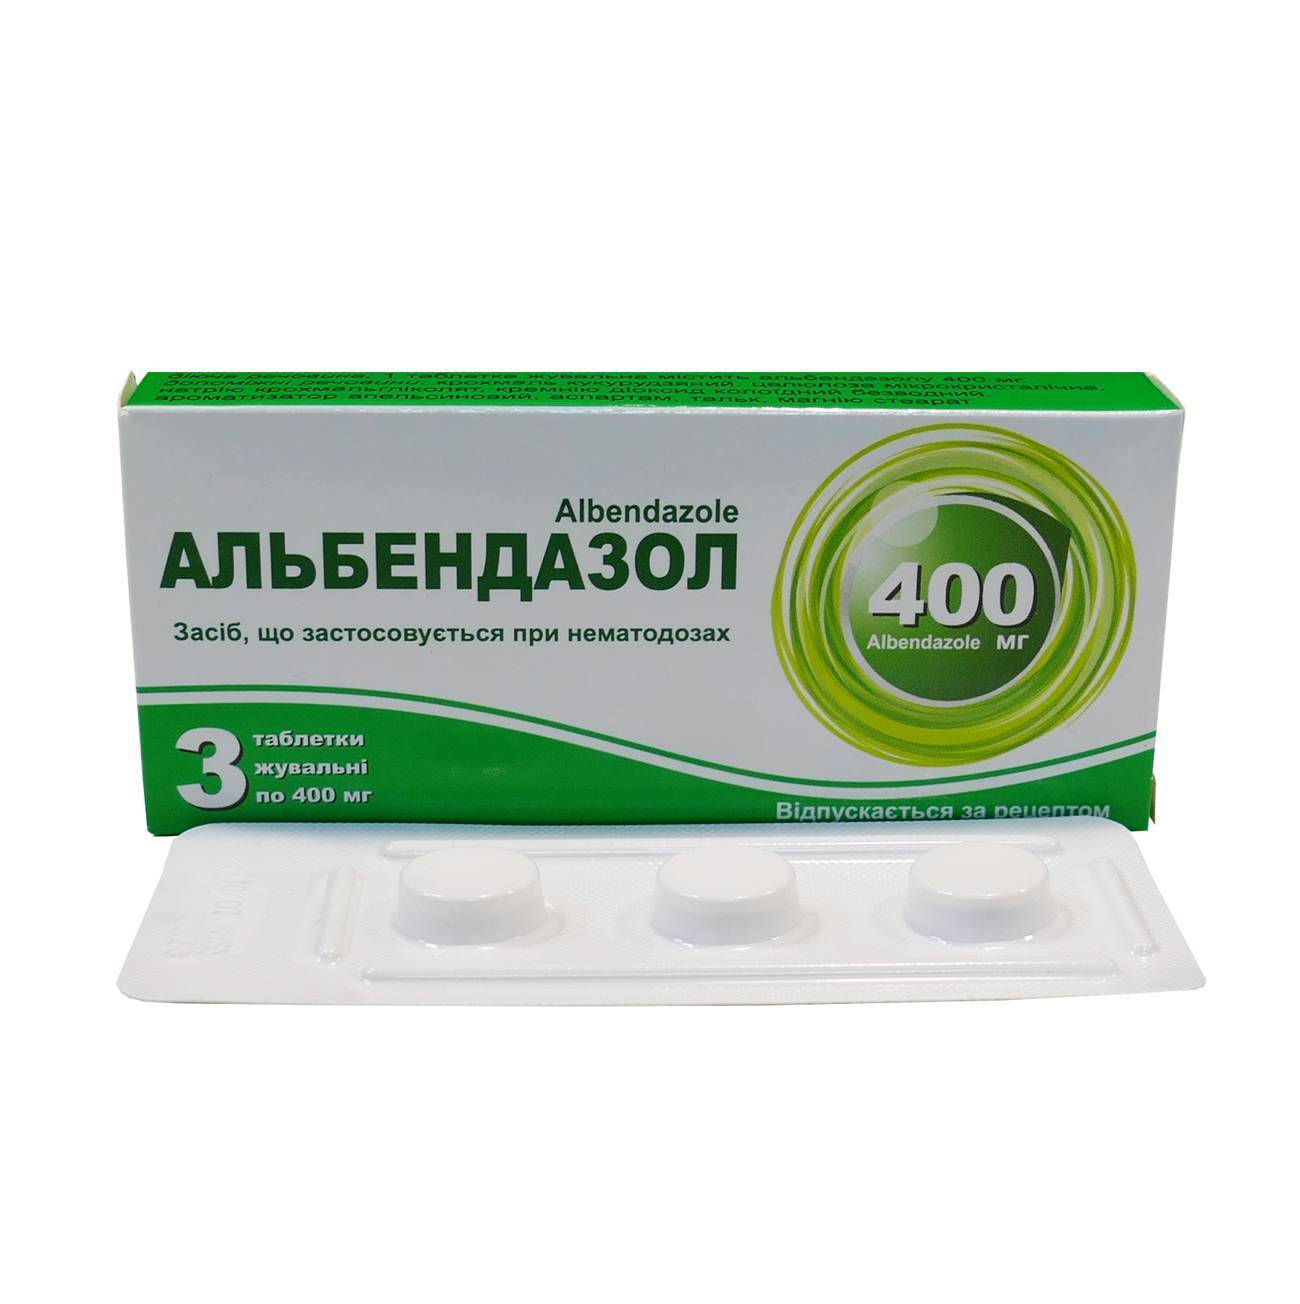 Препараты от глистов для человека: обзор наиболее эффективных